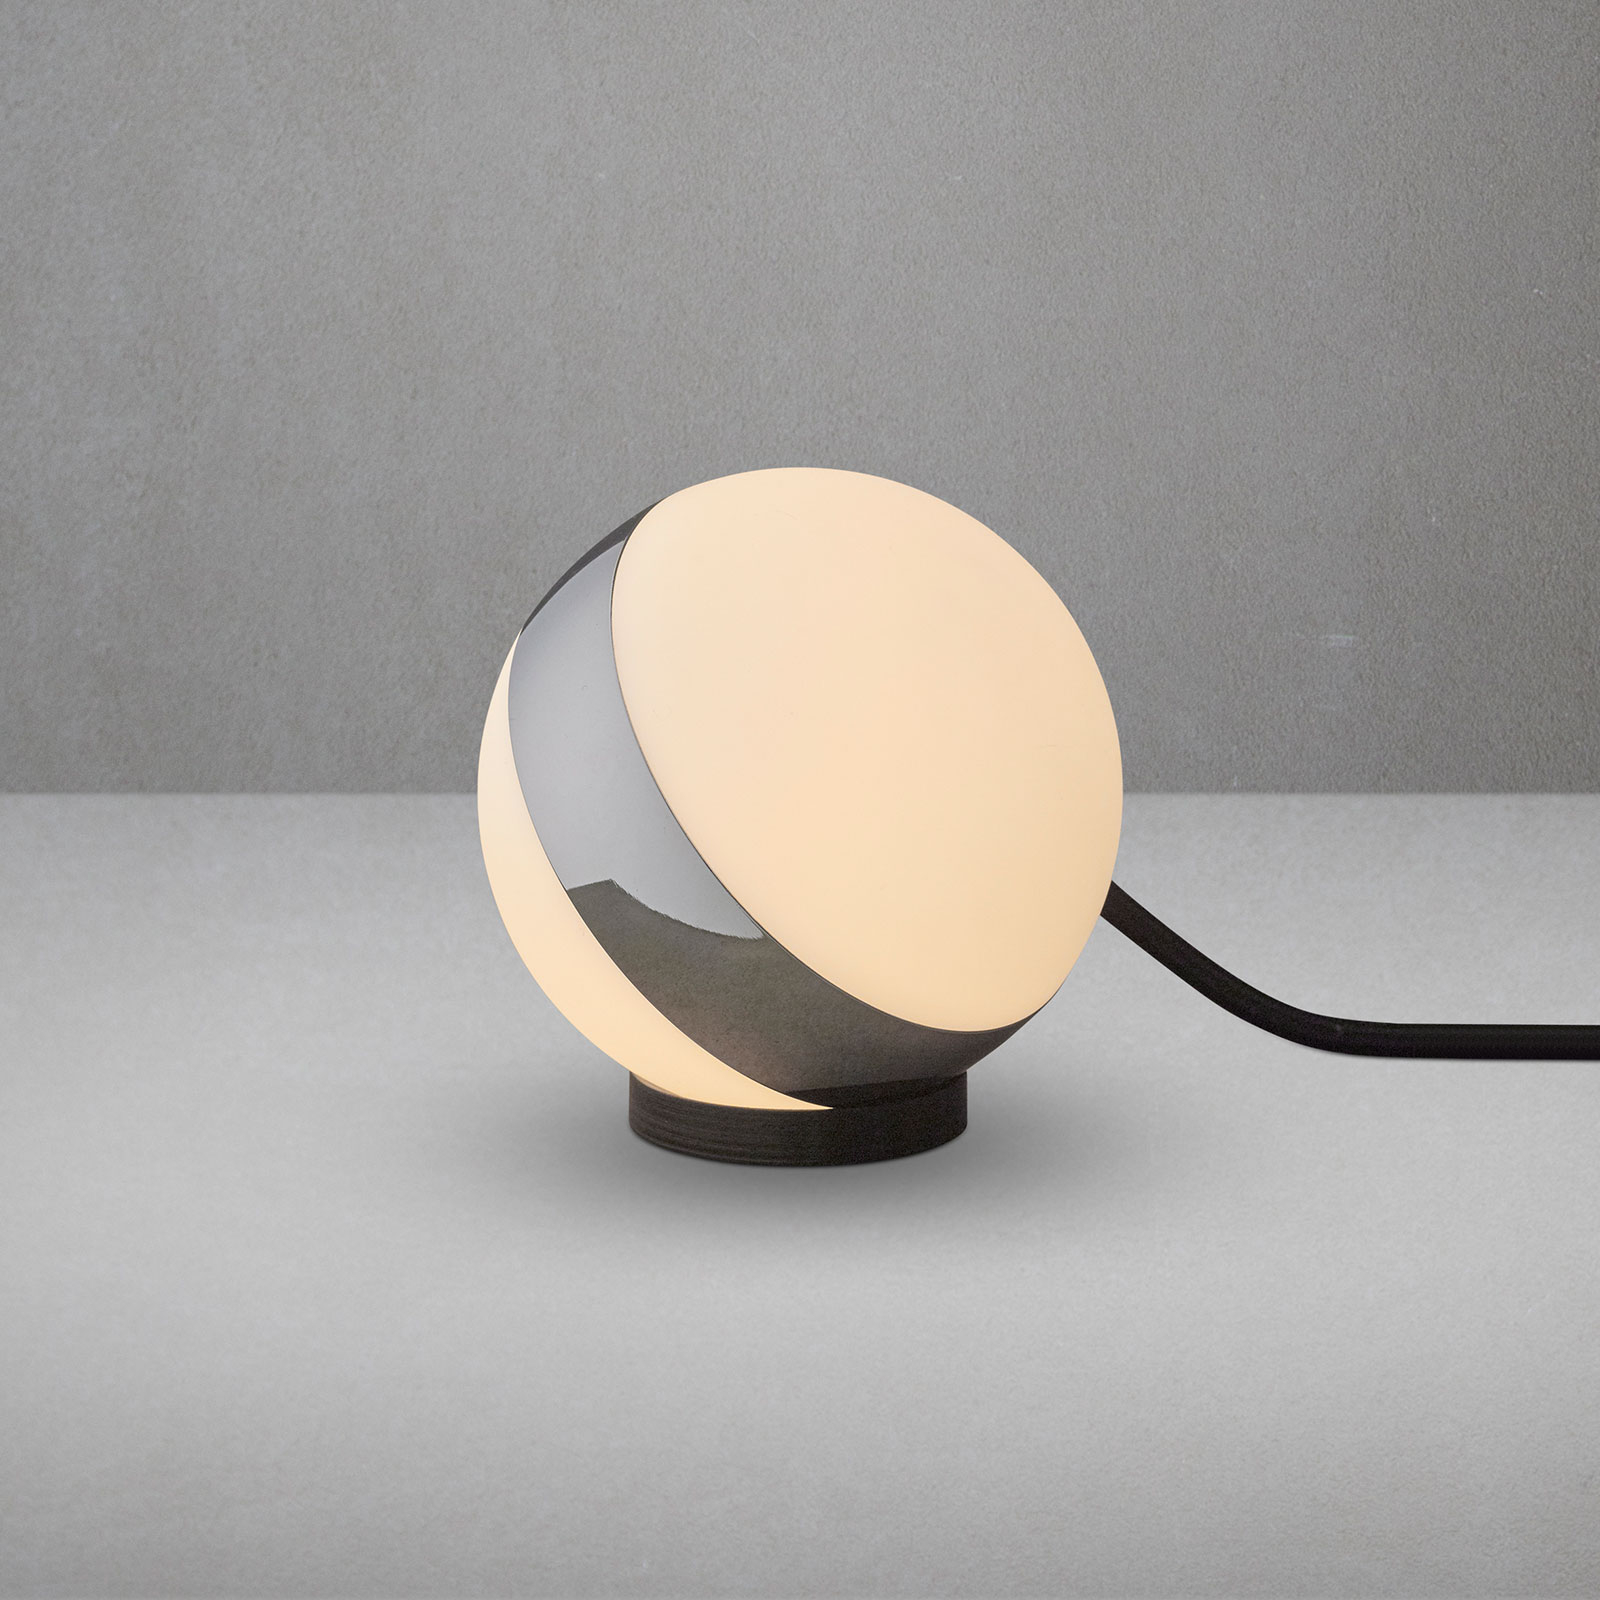 Tafellamp Circle in bolvorm, hoogte 12 cm